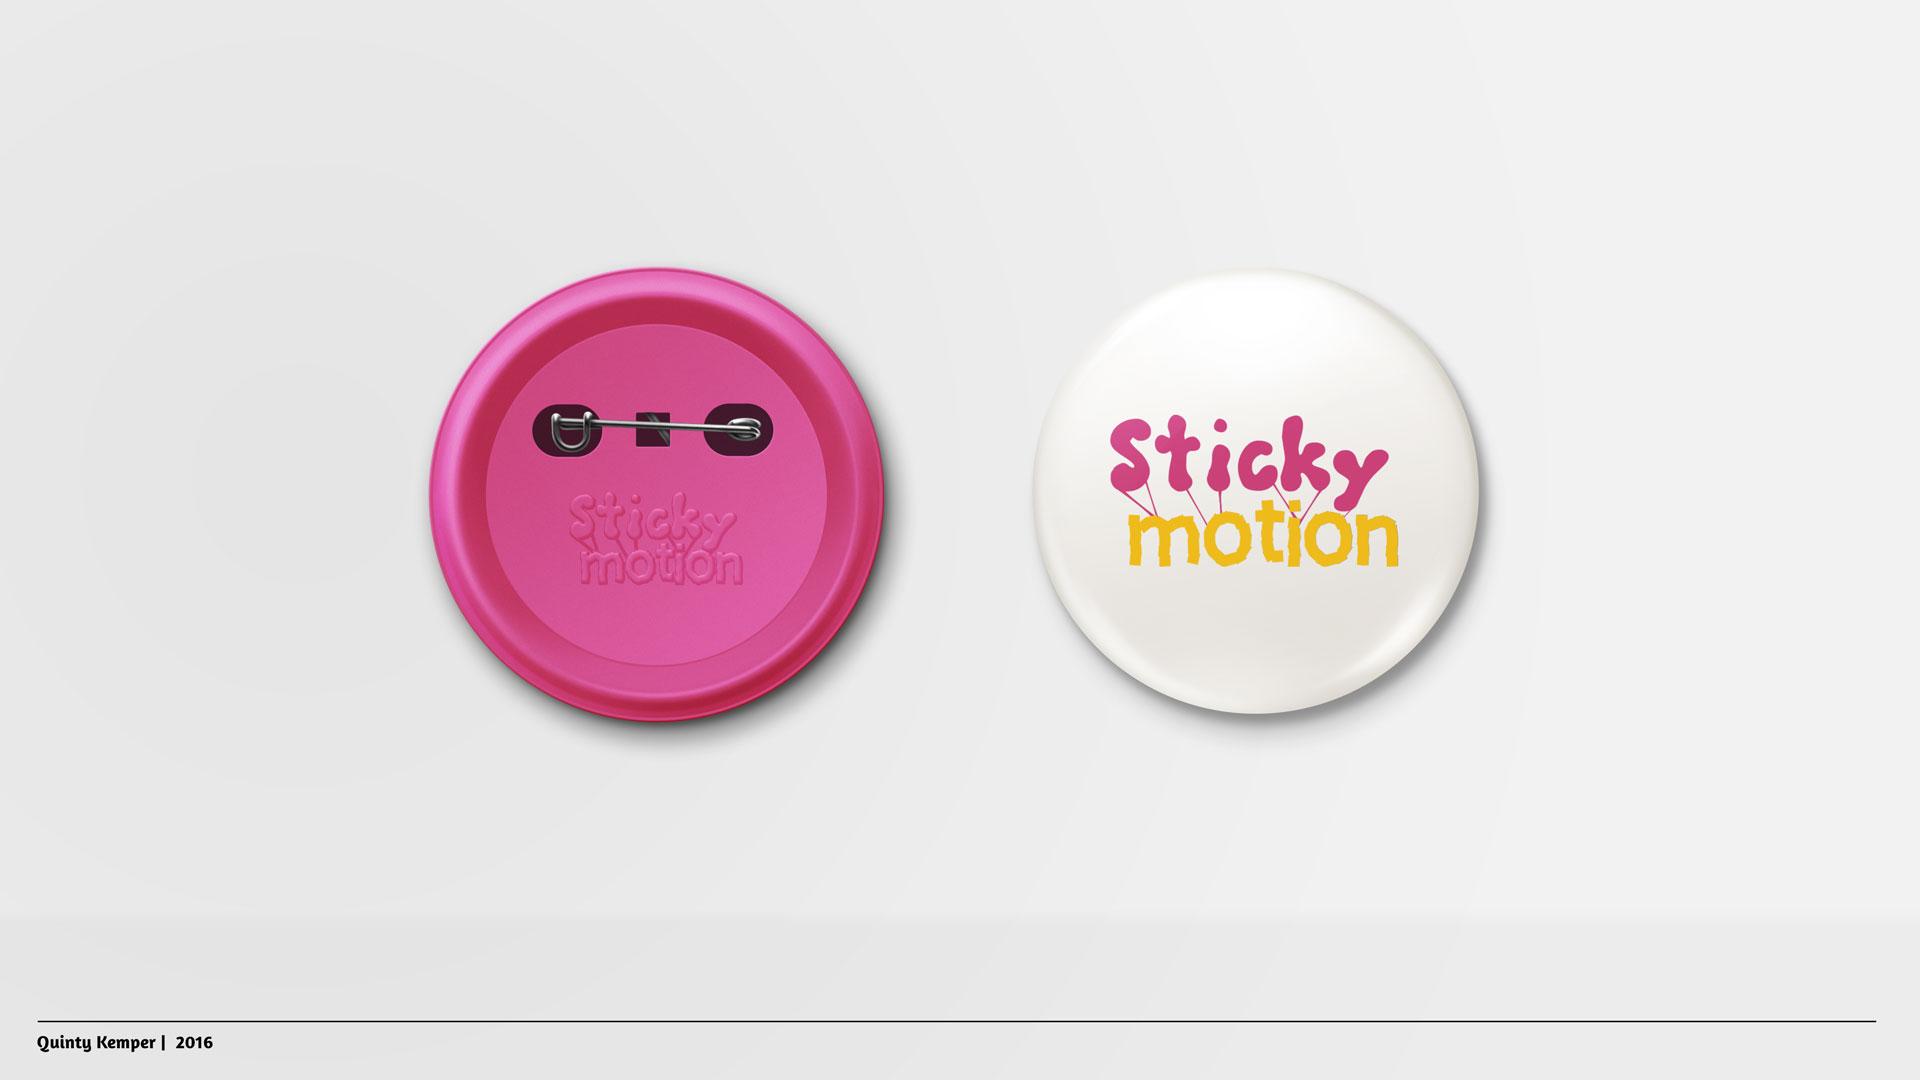 Quinty Kemper Portfolio 2016 Sticky-Motion badge